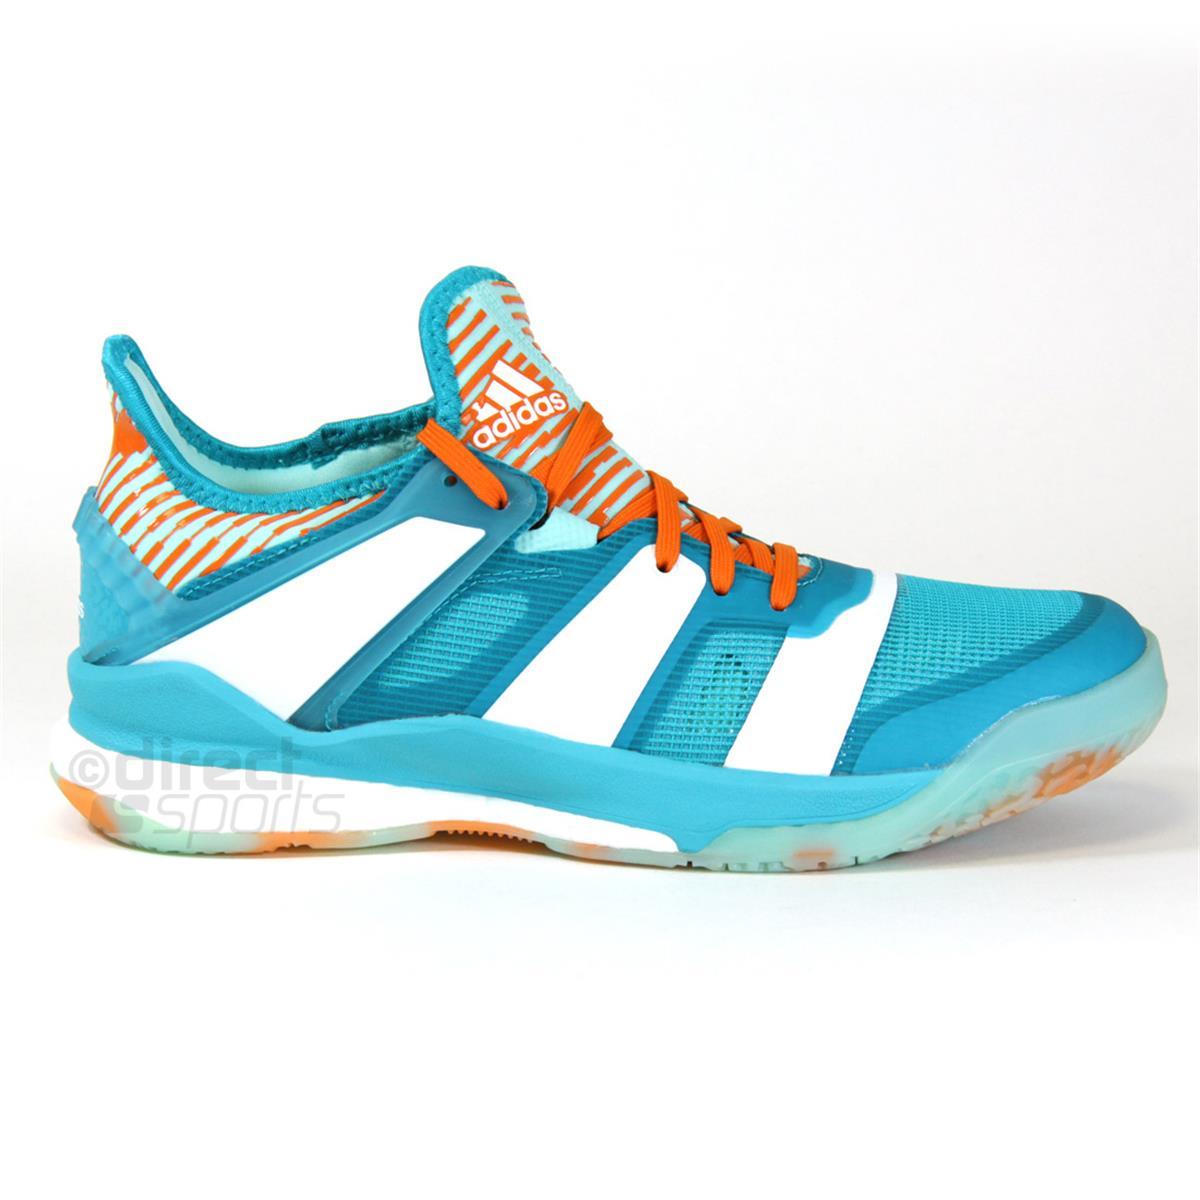 0c2cdd6a204 adidas Stabil X Court Shoes (Aqua-White)